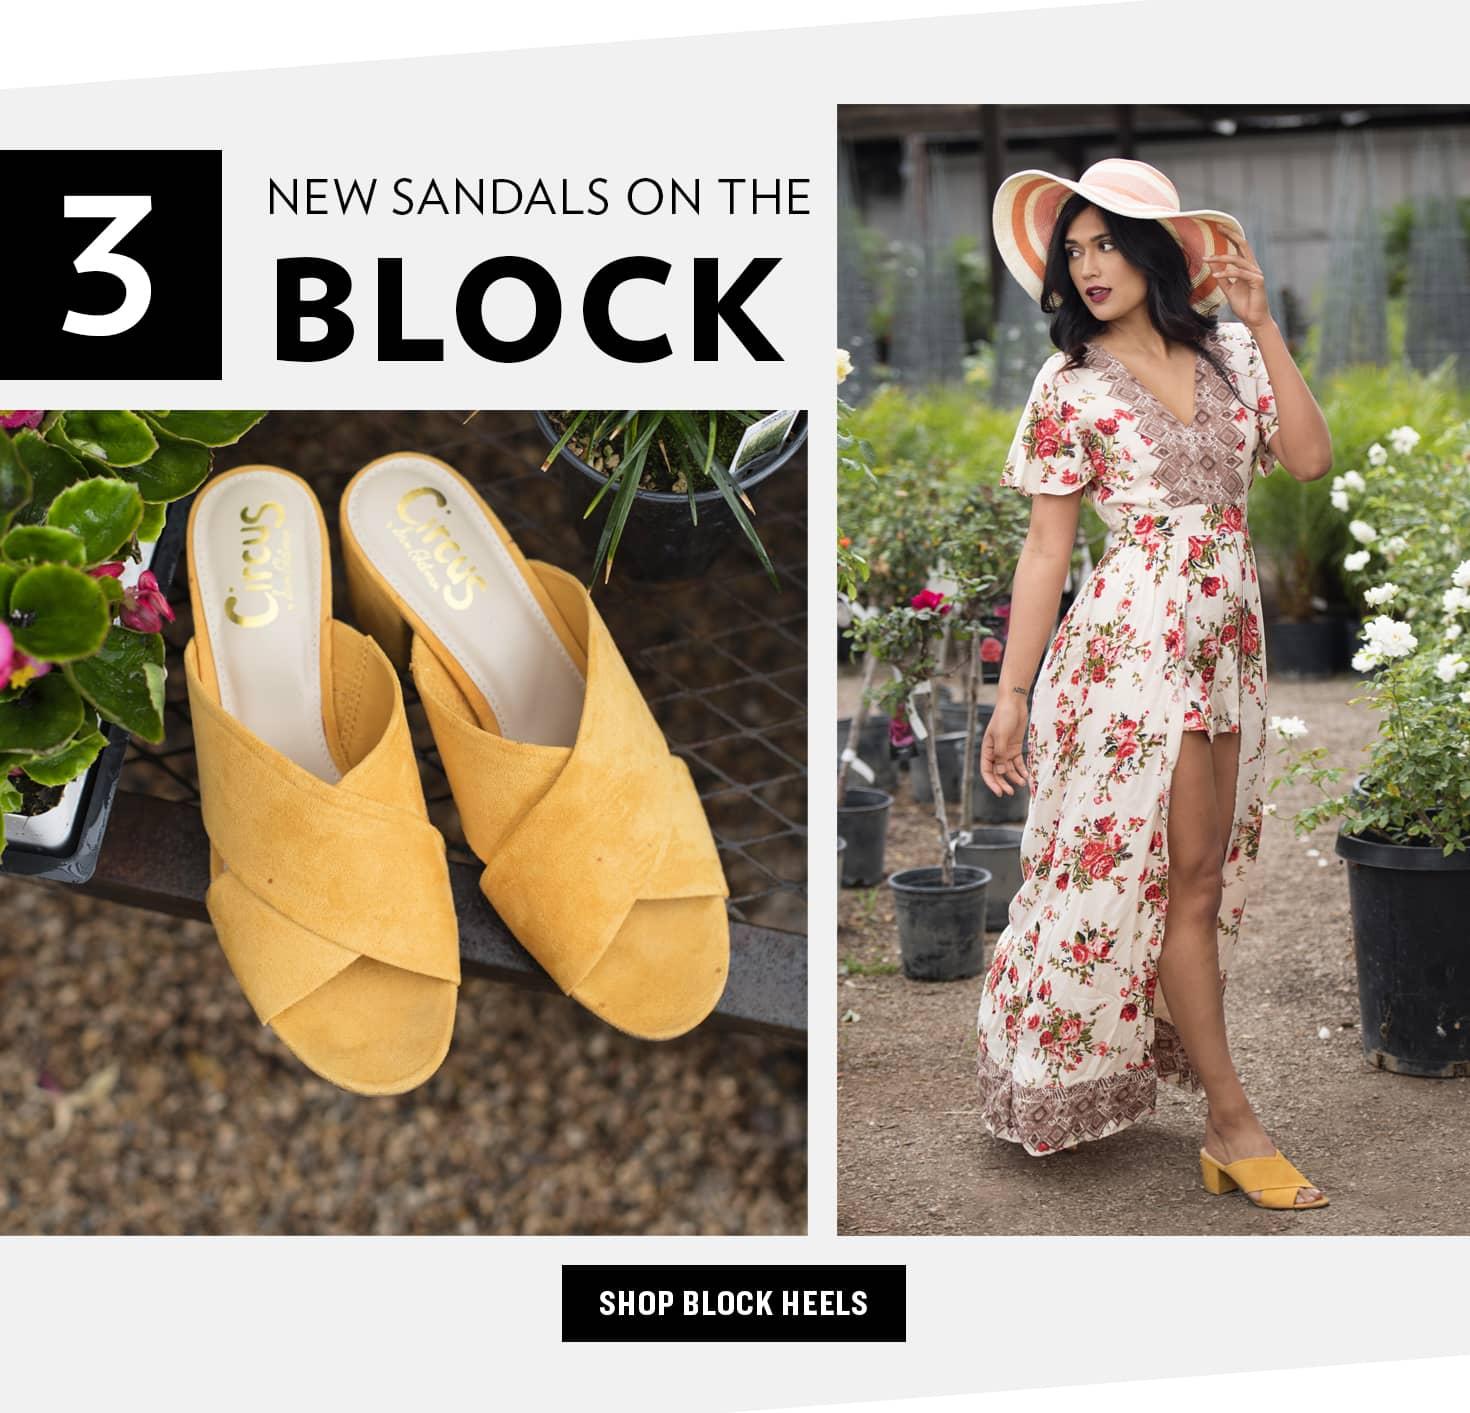 Shop Block Heels